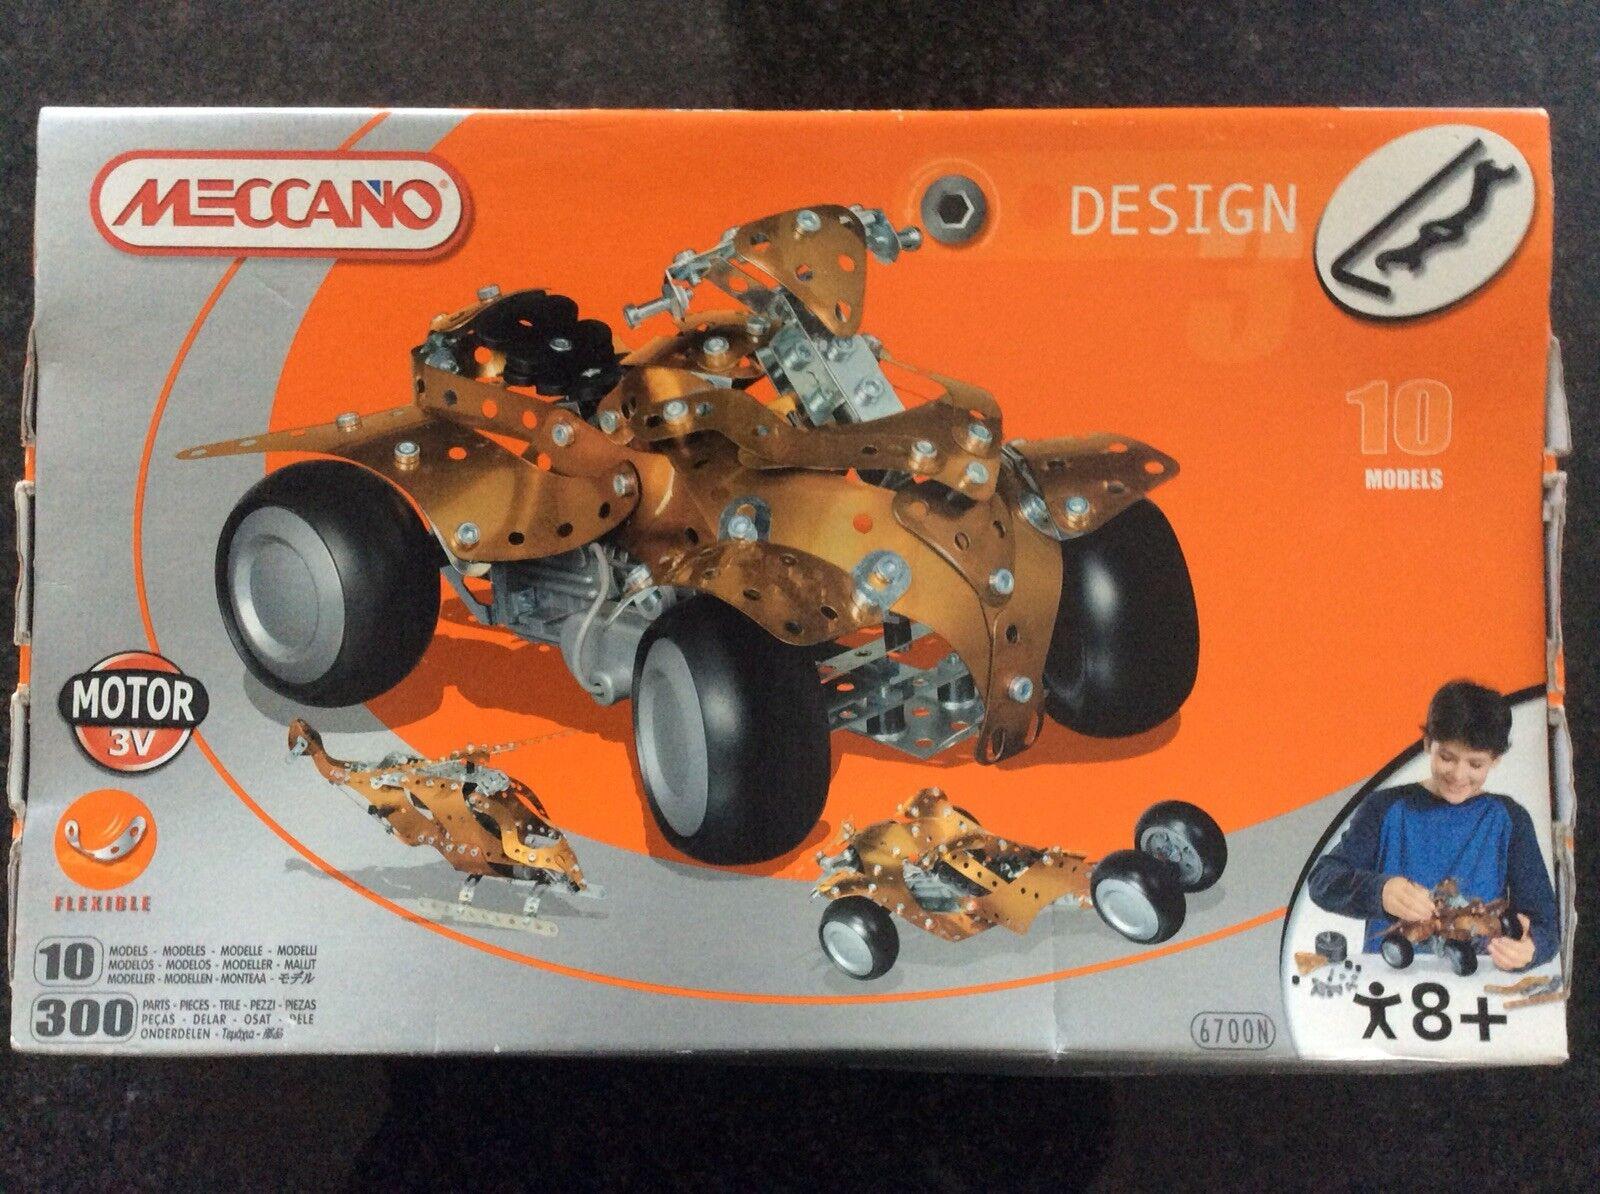 Meccano Design Quad 10 Models 6700N